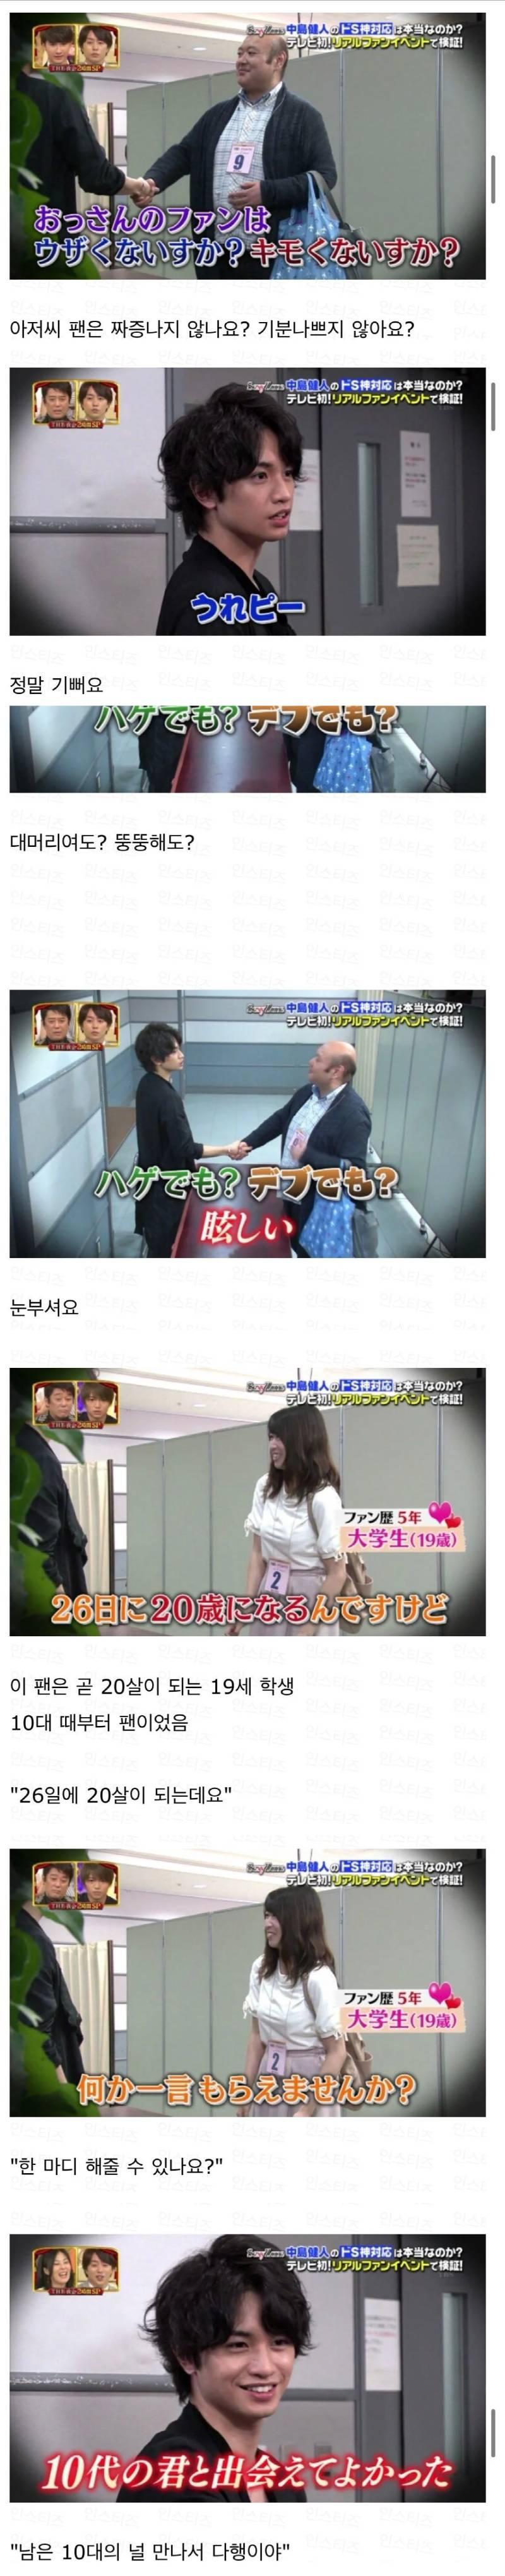 일본 아이돌의 팬 대응 방식 ㄷㄷㄷ.jpg | 인스티즈